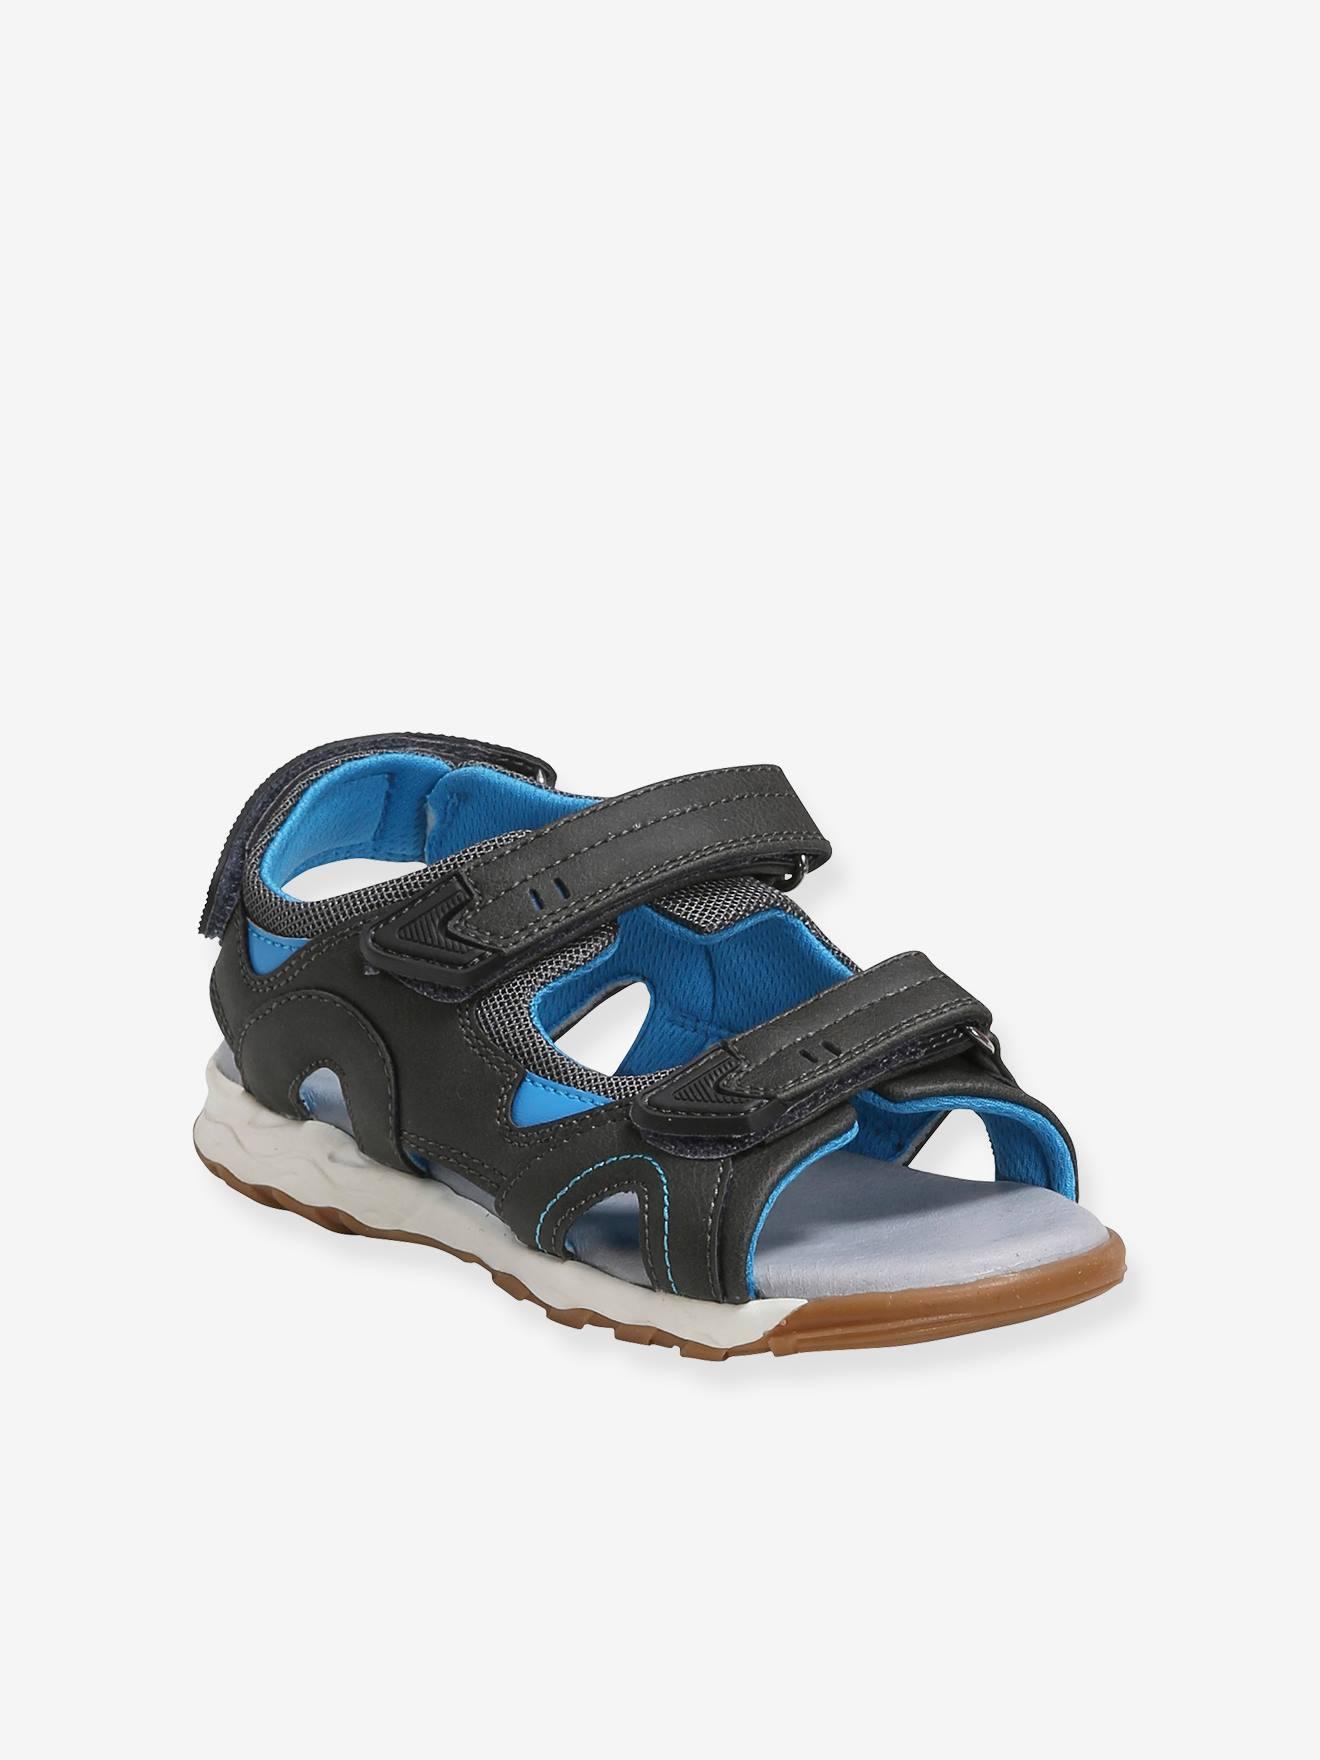 Sandales tout terrain garçon gris